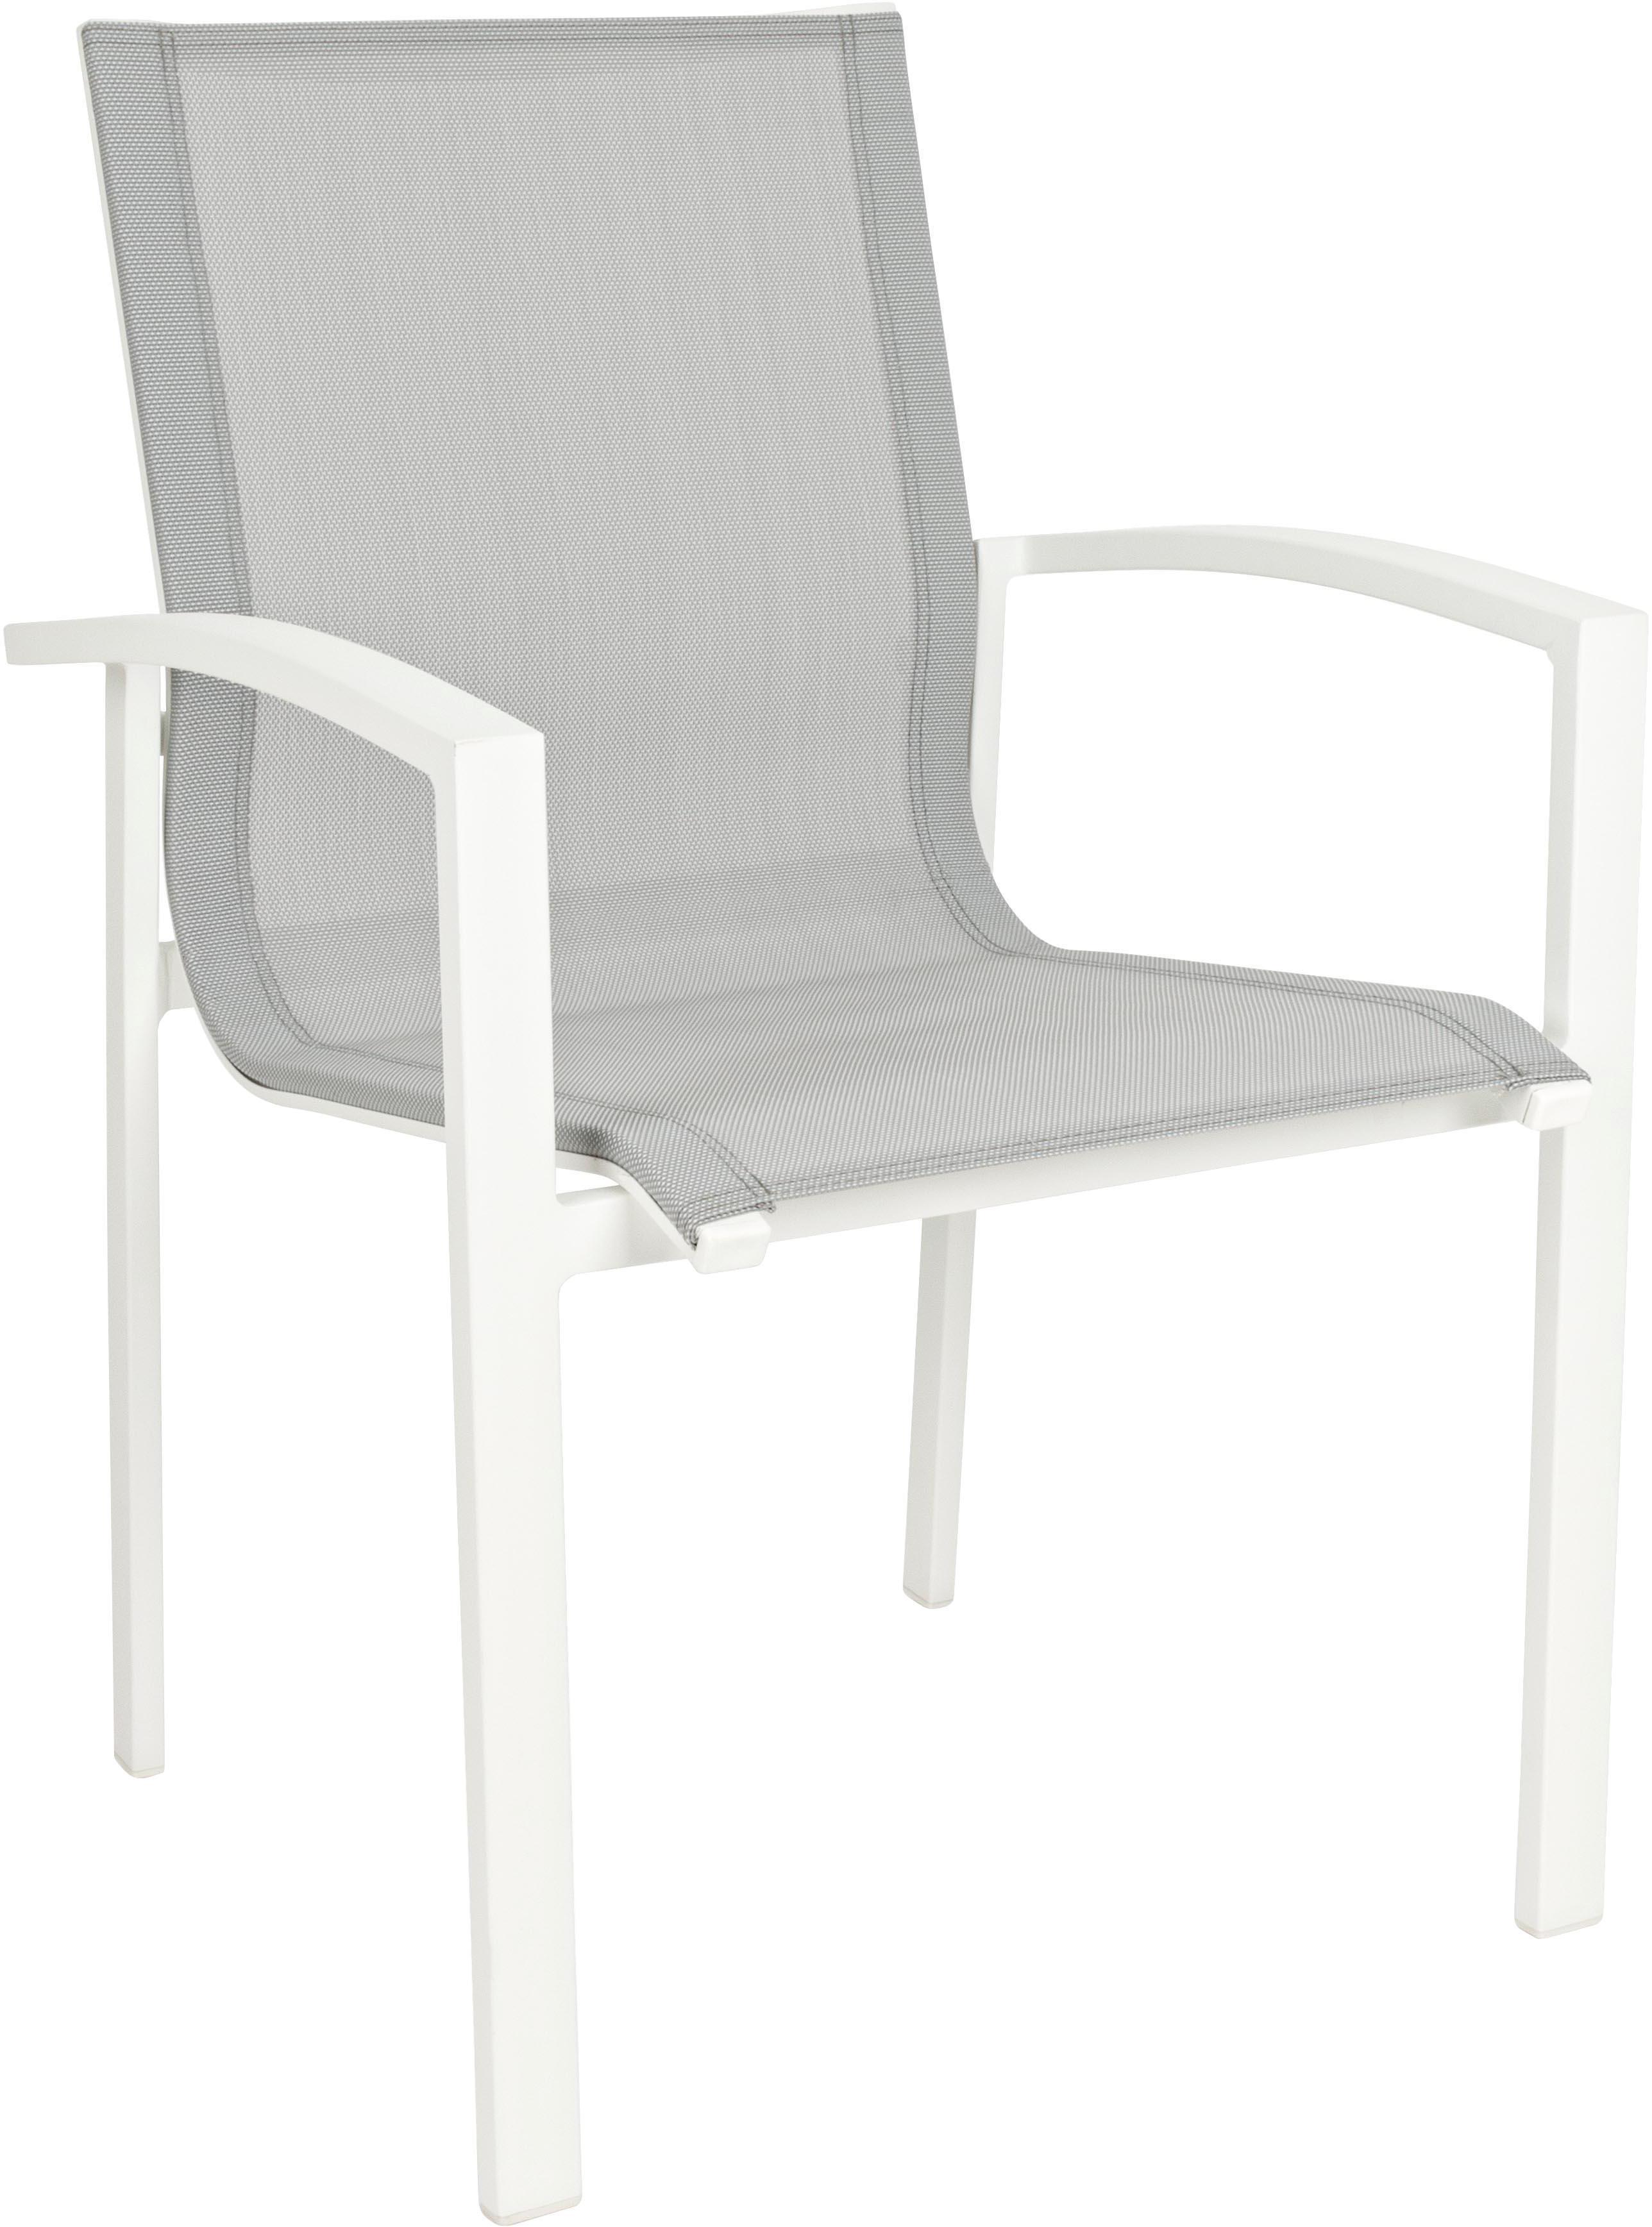 Sedia da giardino Atlantic, Struttura: alluminio verniciato a po, Seduta: textilene, Bianco, grigio chiaro, Larg. 60 x Prof. 66 cm